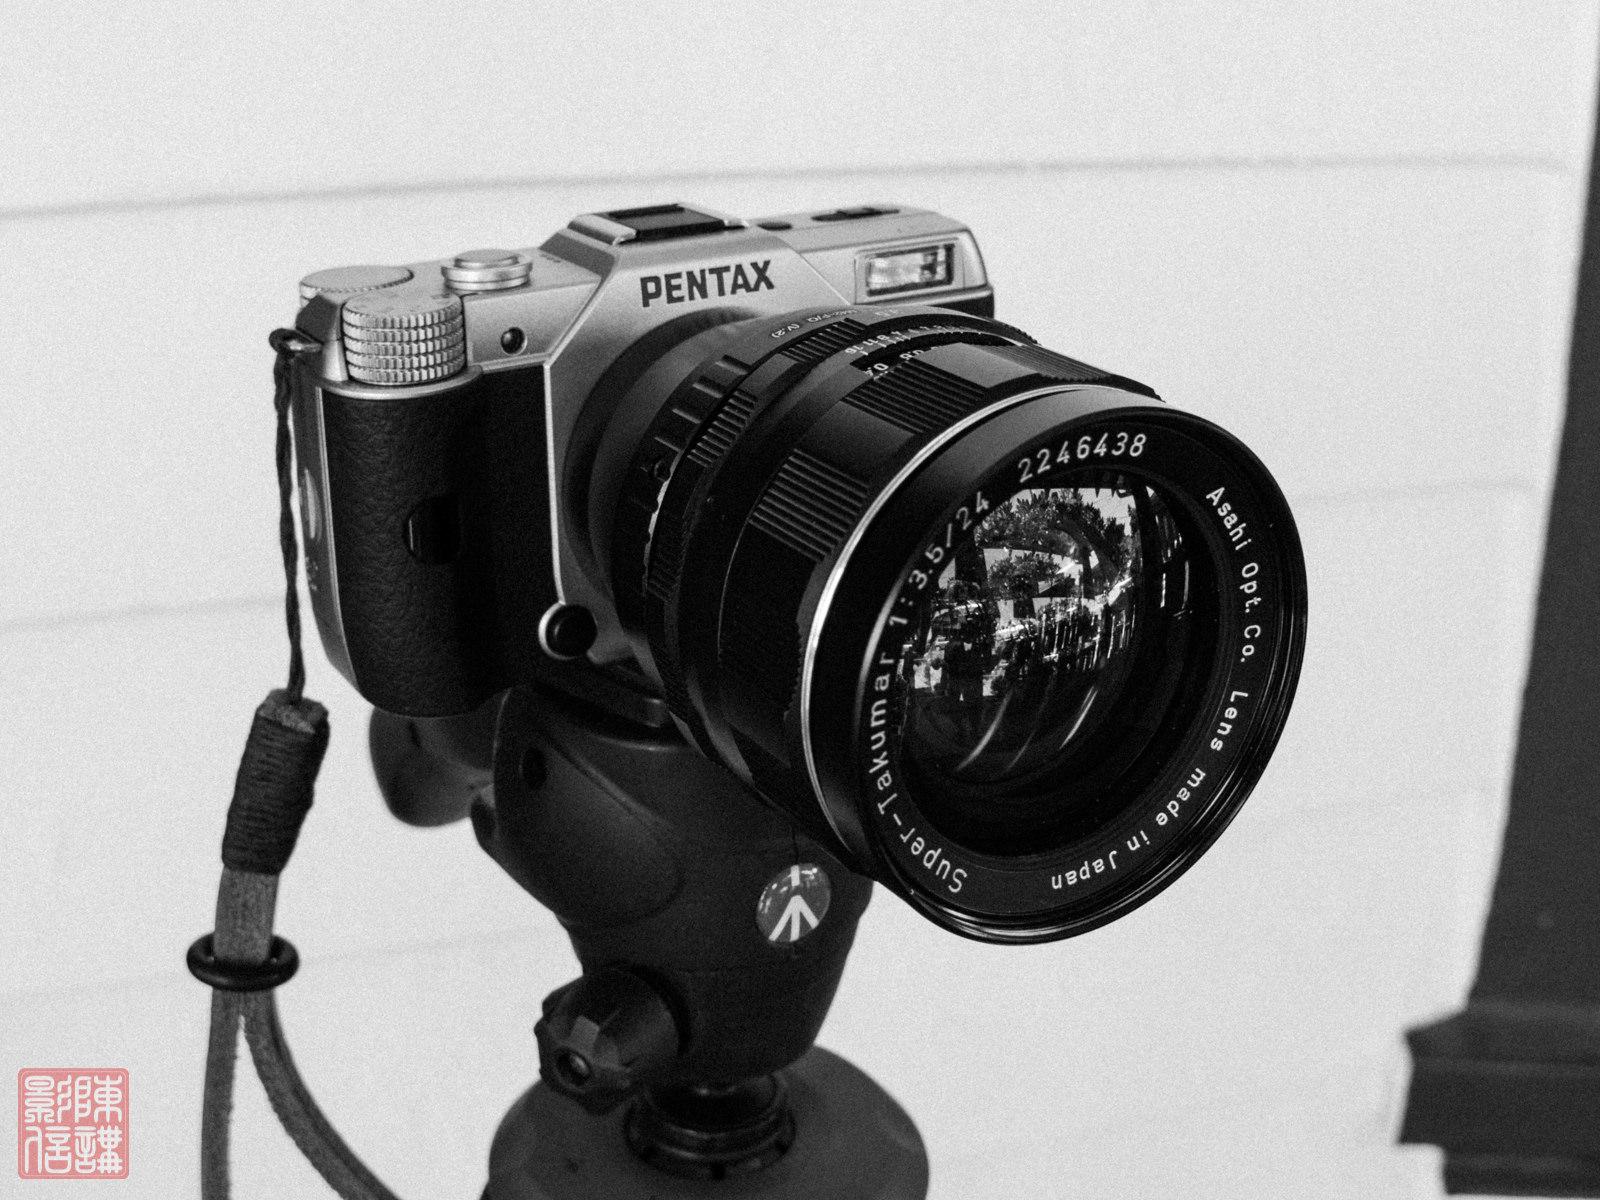 Digitale Pentax Q7 mit M42-Objektiv